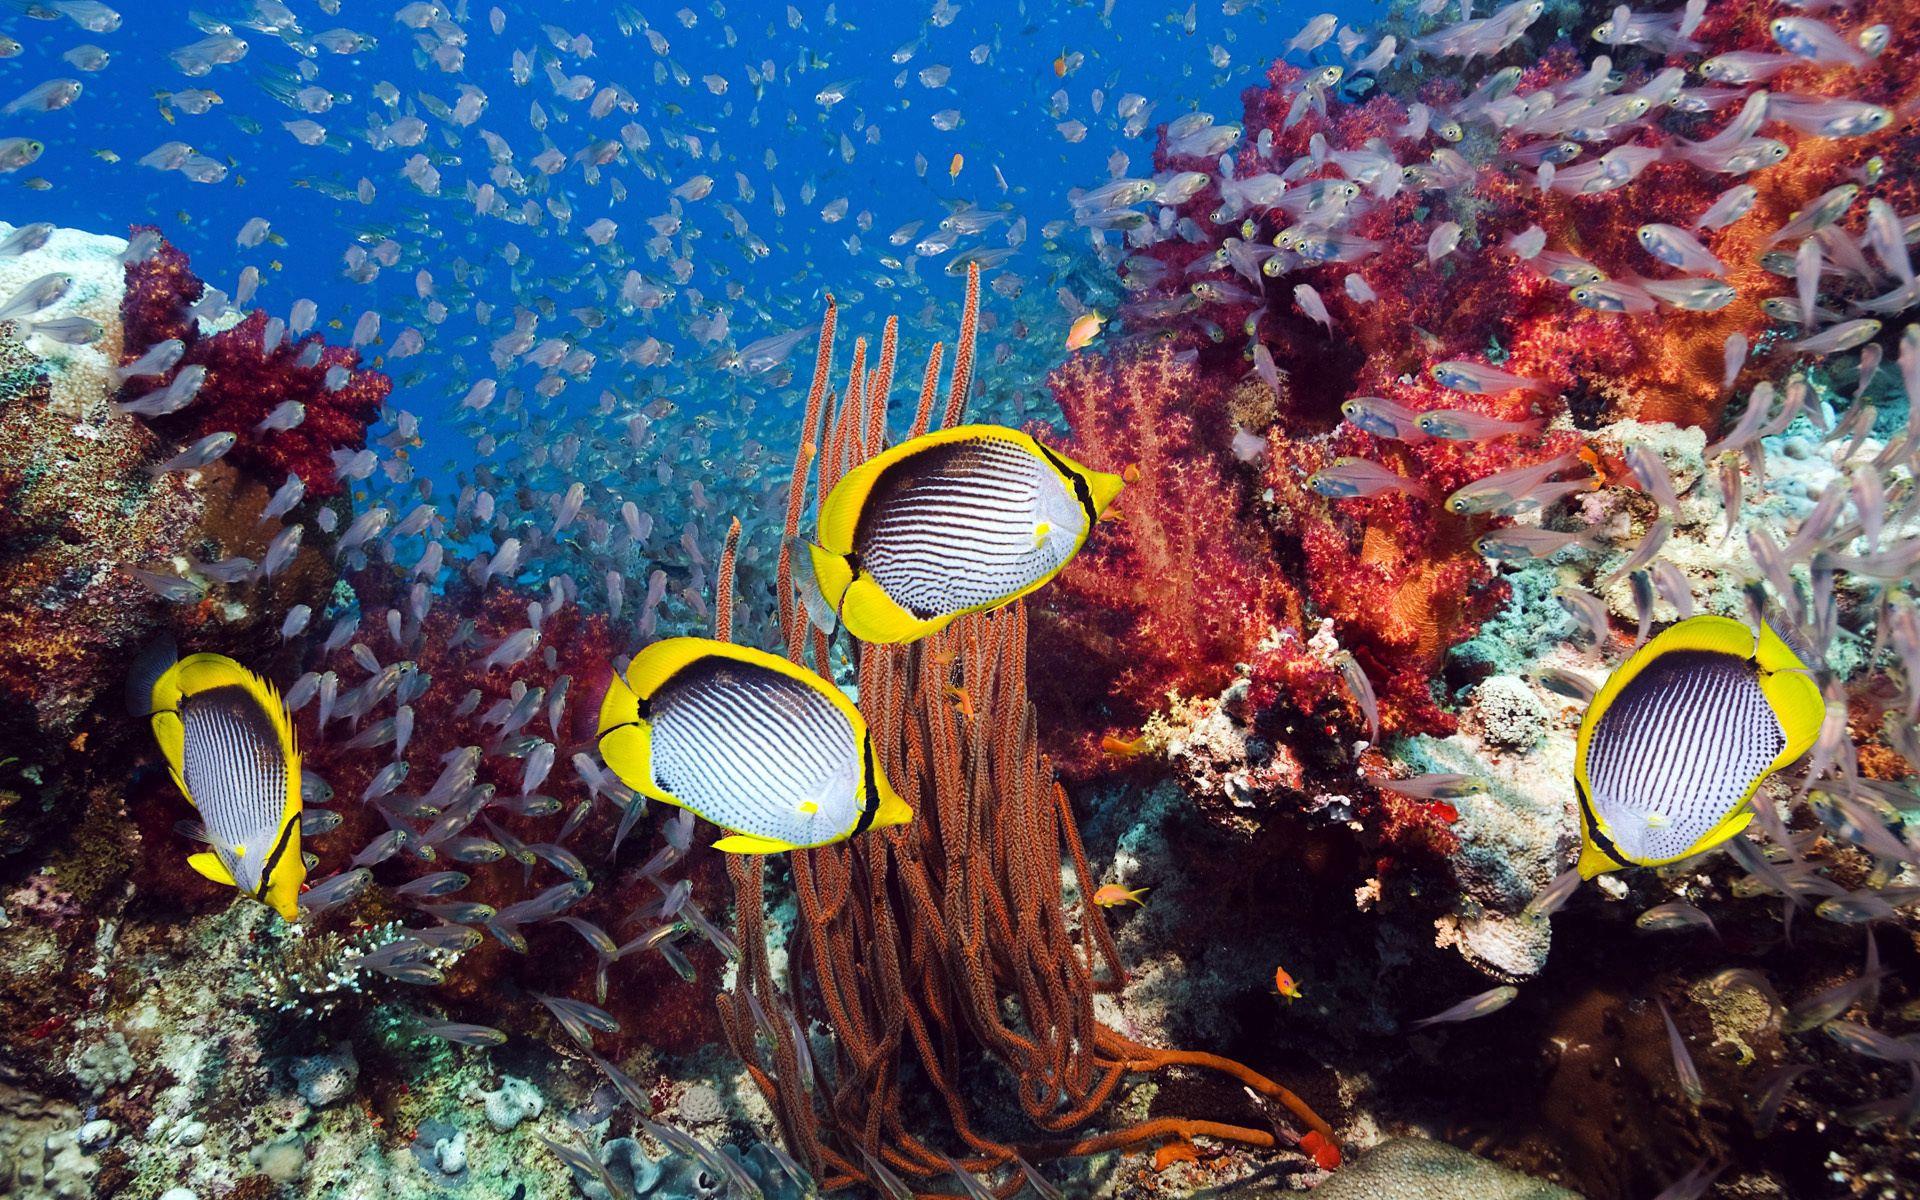 98093 Заставки и Обои Рыбы на телефон. Скачать Рыбы, Животные, Подводный Мир, Водоросли картинки бесплатно